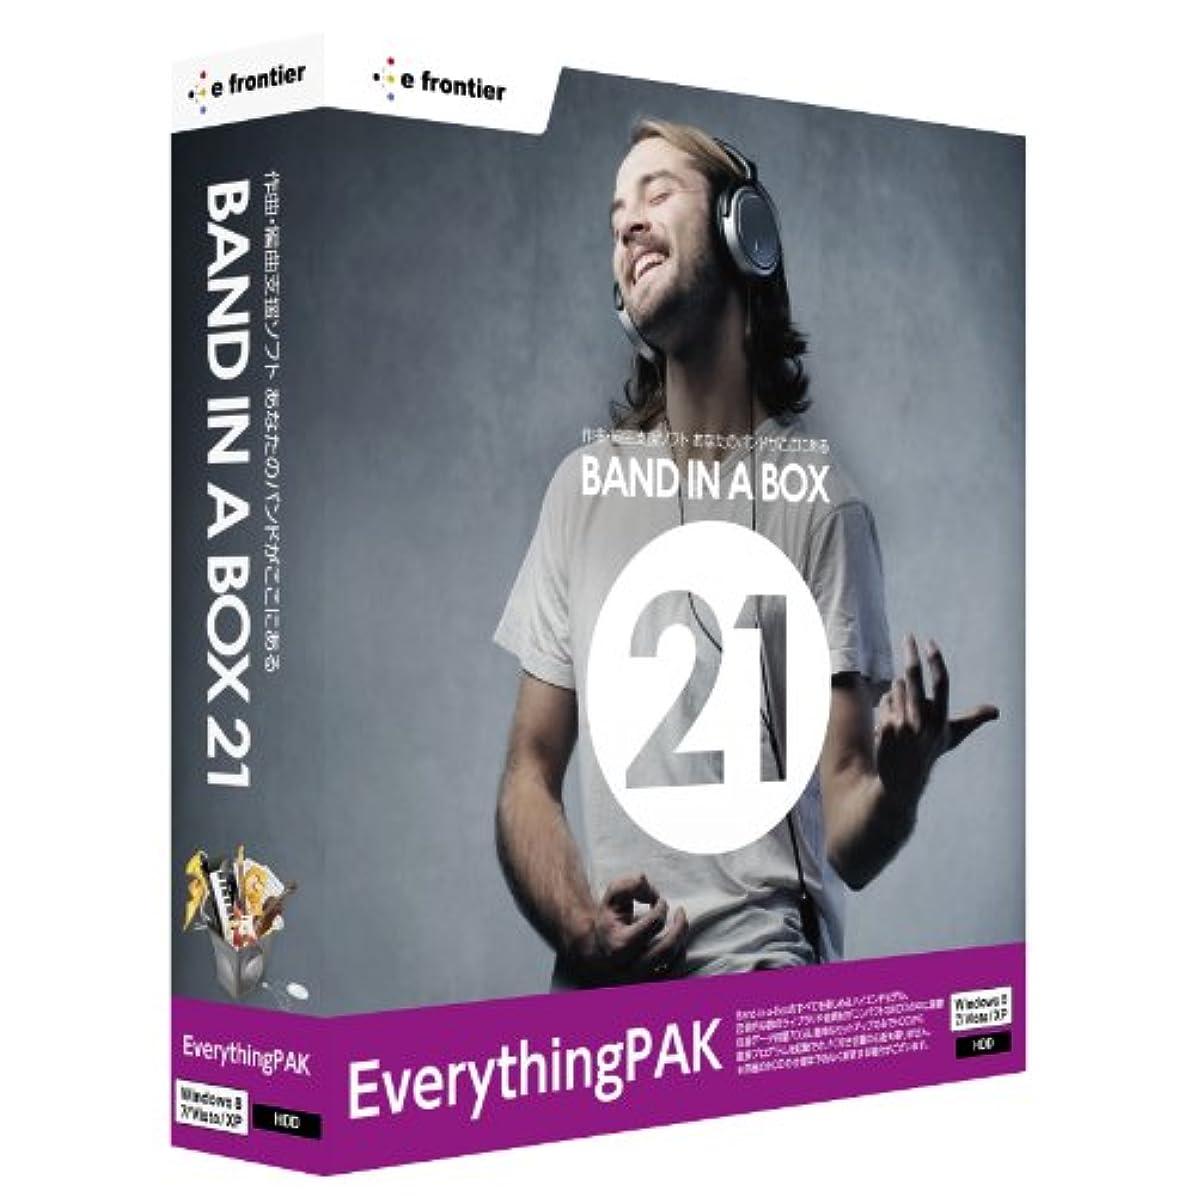 分解するぶら下がる驚いたBand-in-a-Box 21 for Windows EverythingPAK